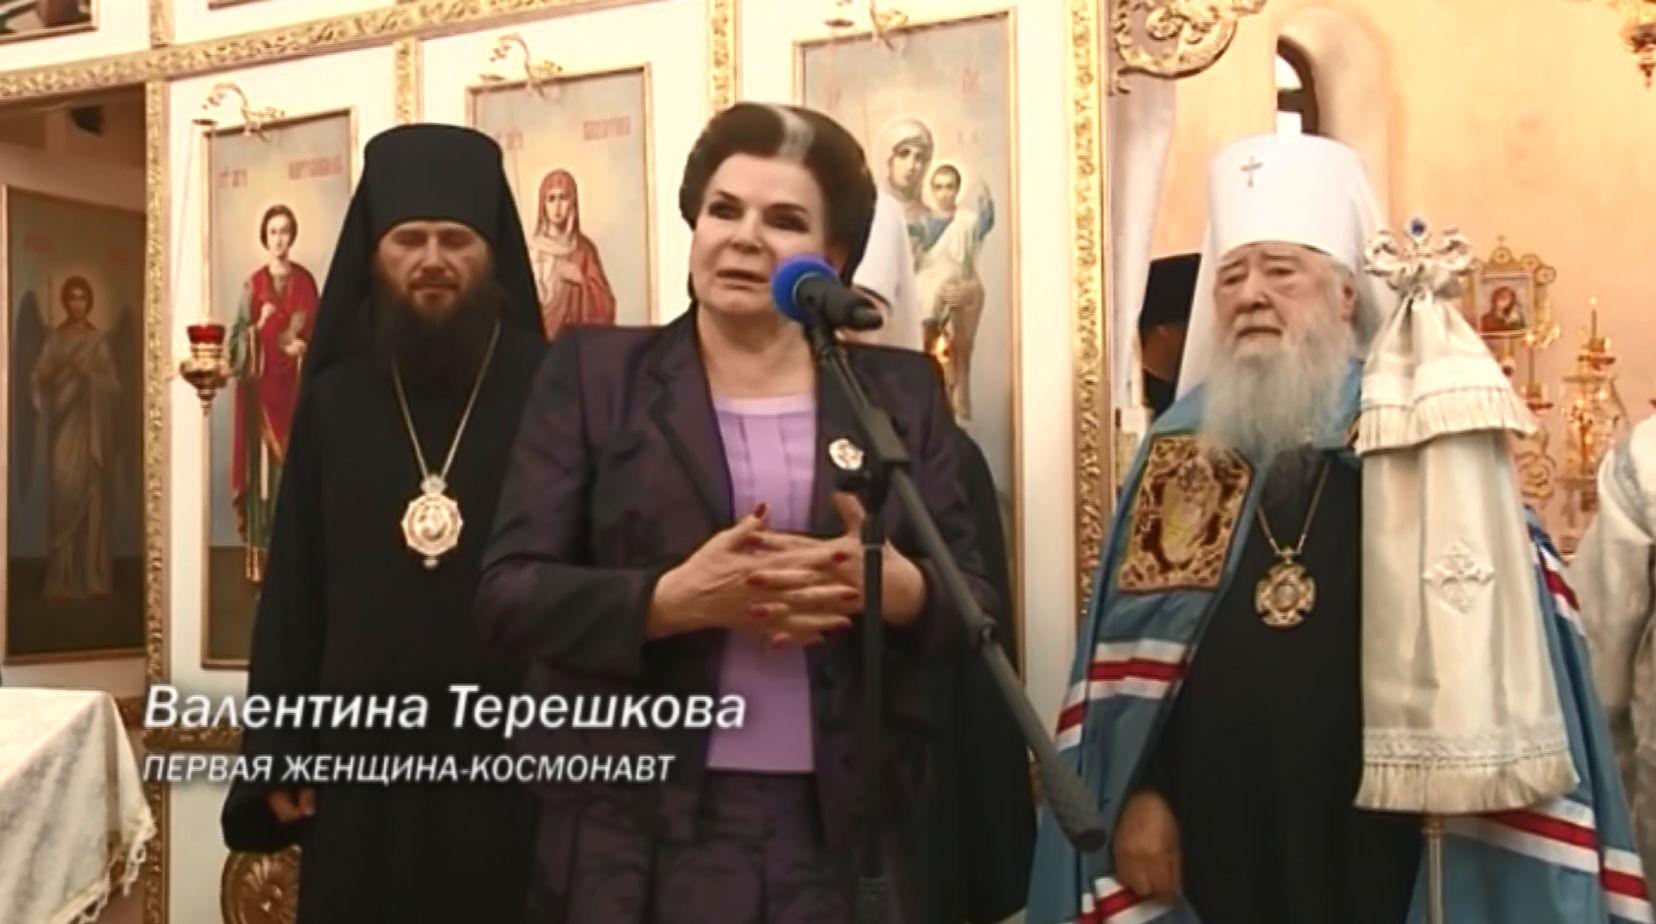 Ярославль: эпоха, люди, возрождение. Малиновый звон